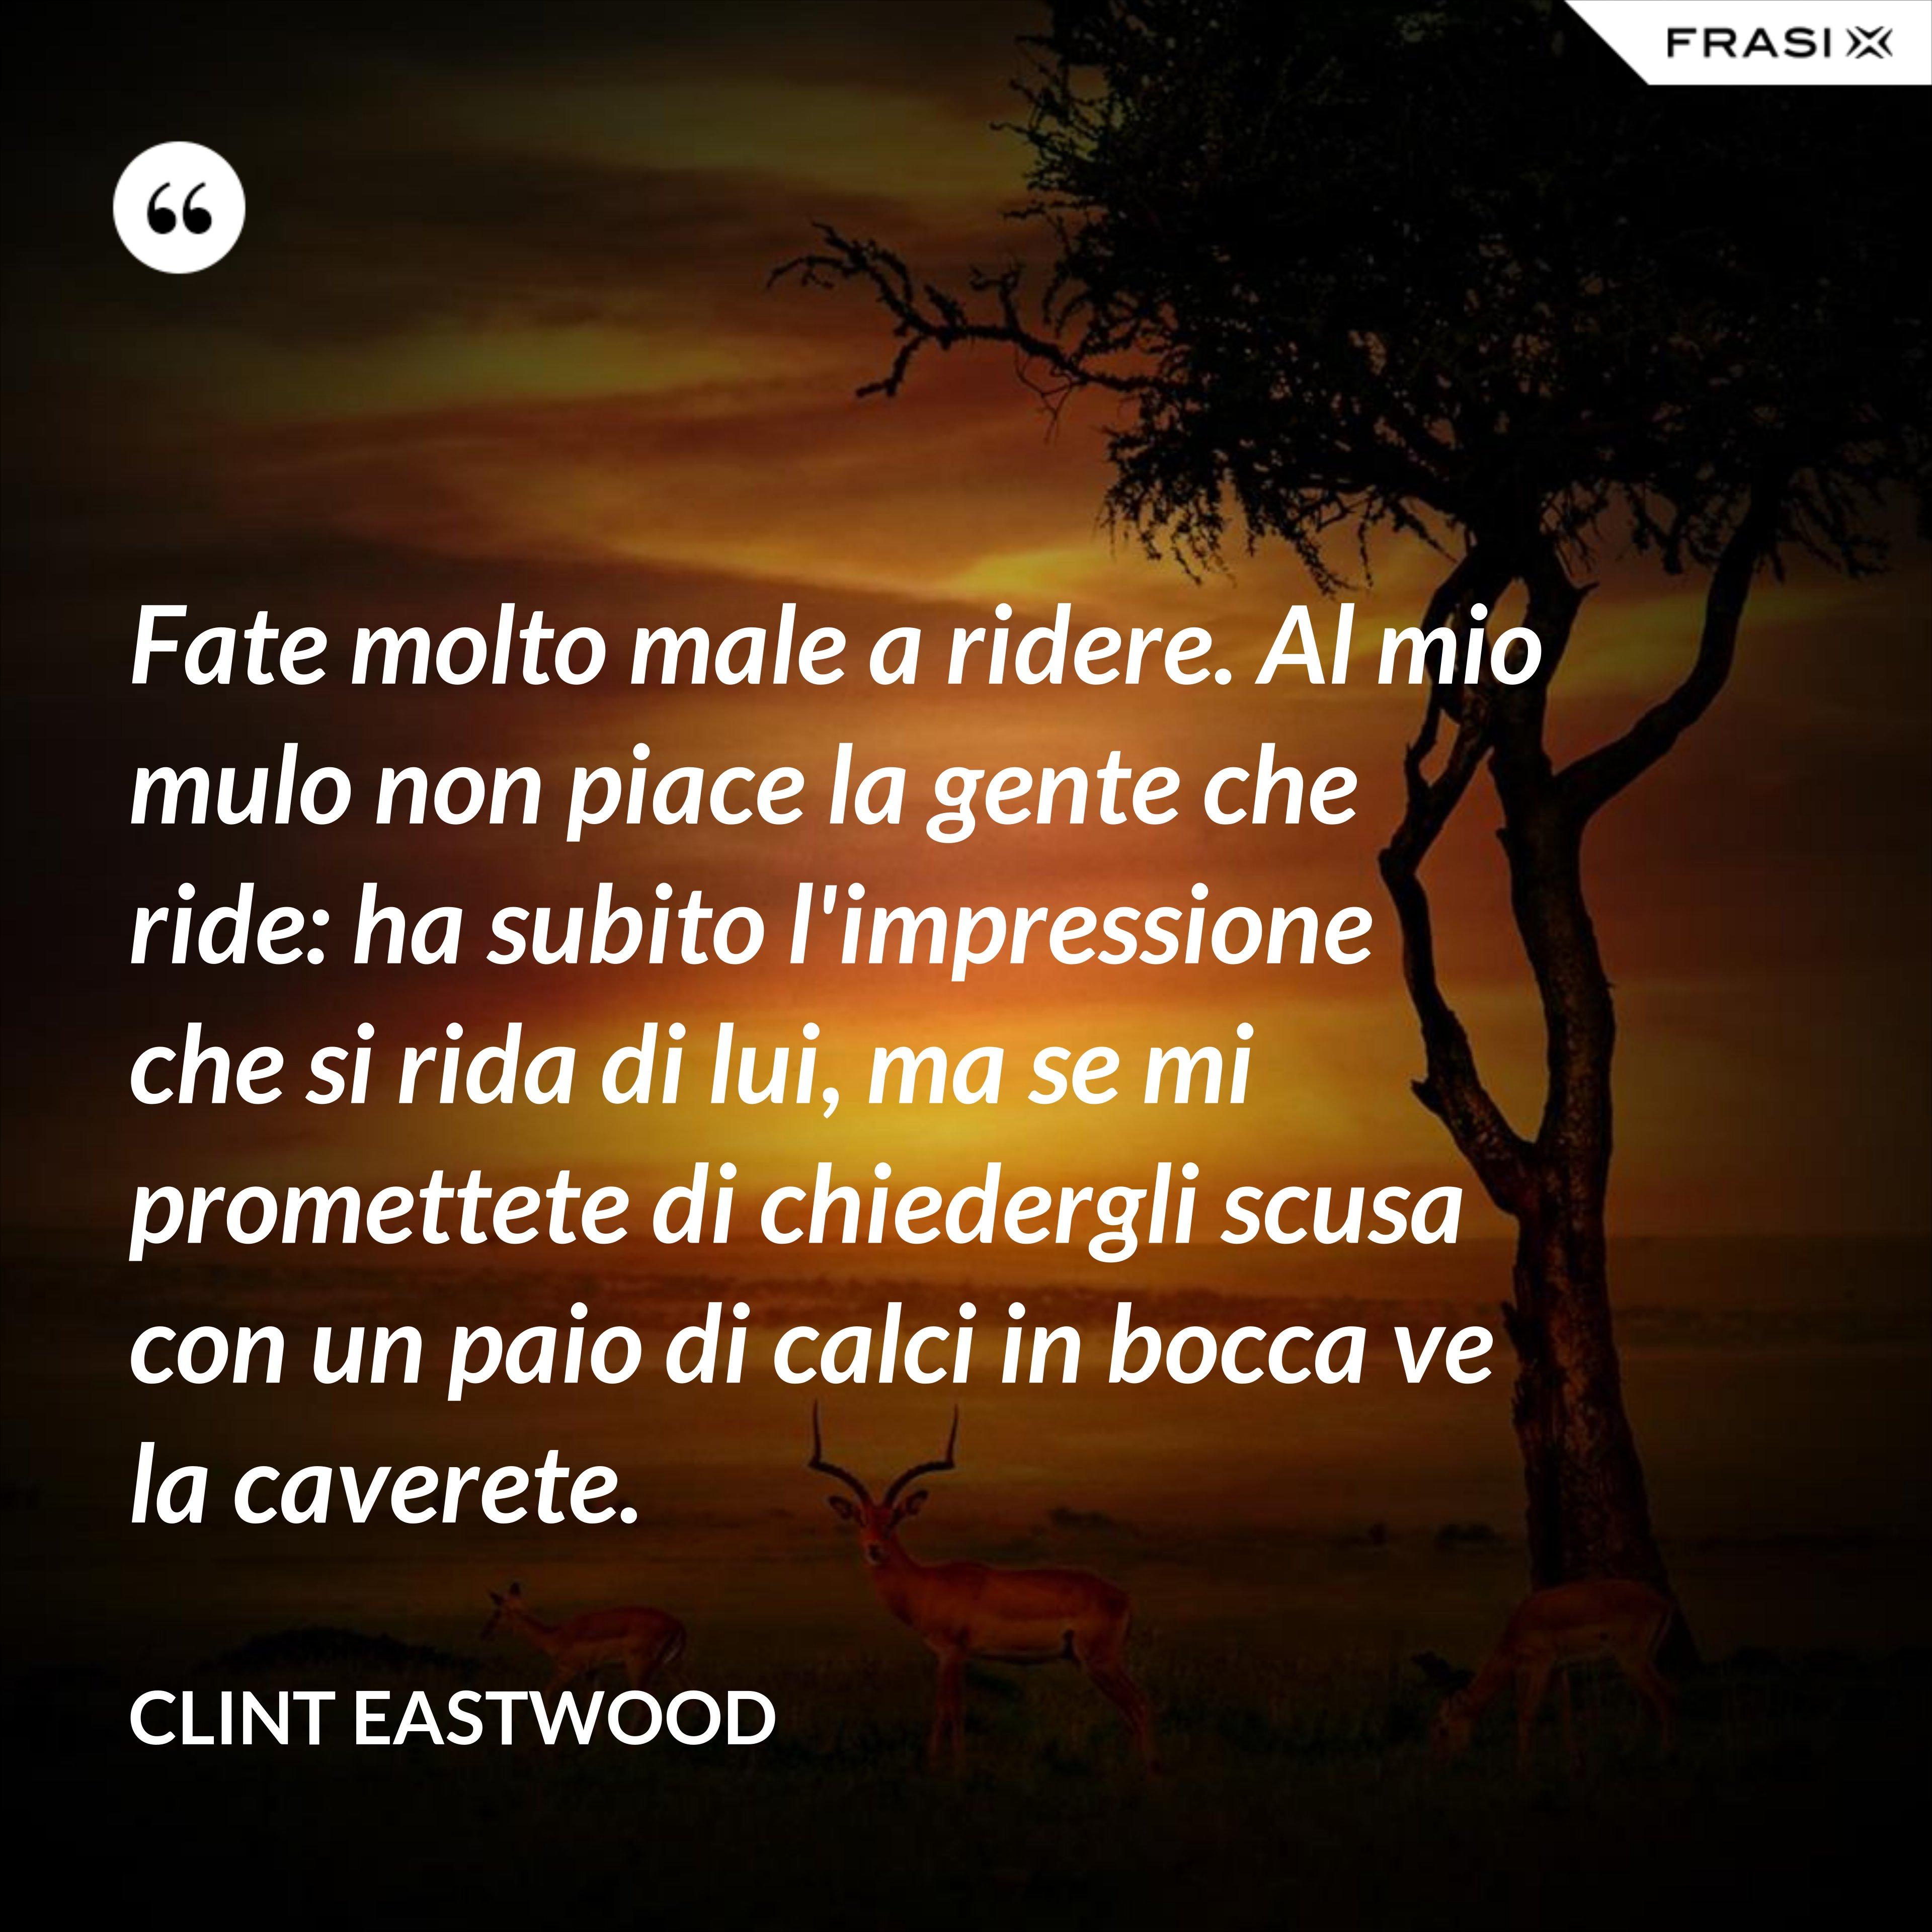 Fate molto male a ridere. Al mio mulo non piace la gente che ride: ha subito l'impressione che si rida di lui, ma se mi promettete di chiedergli scusa con un paio di calci in bocca ve la caverete. - Clint Eastwood